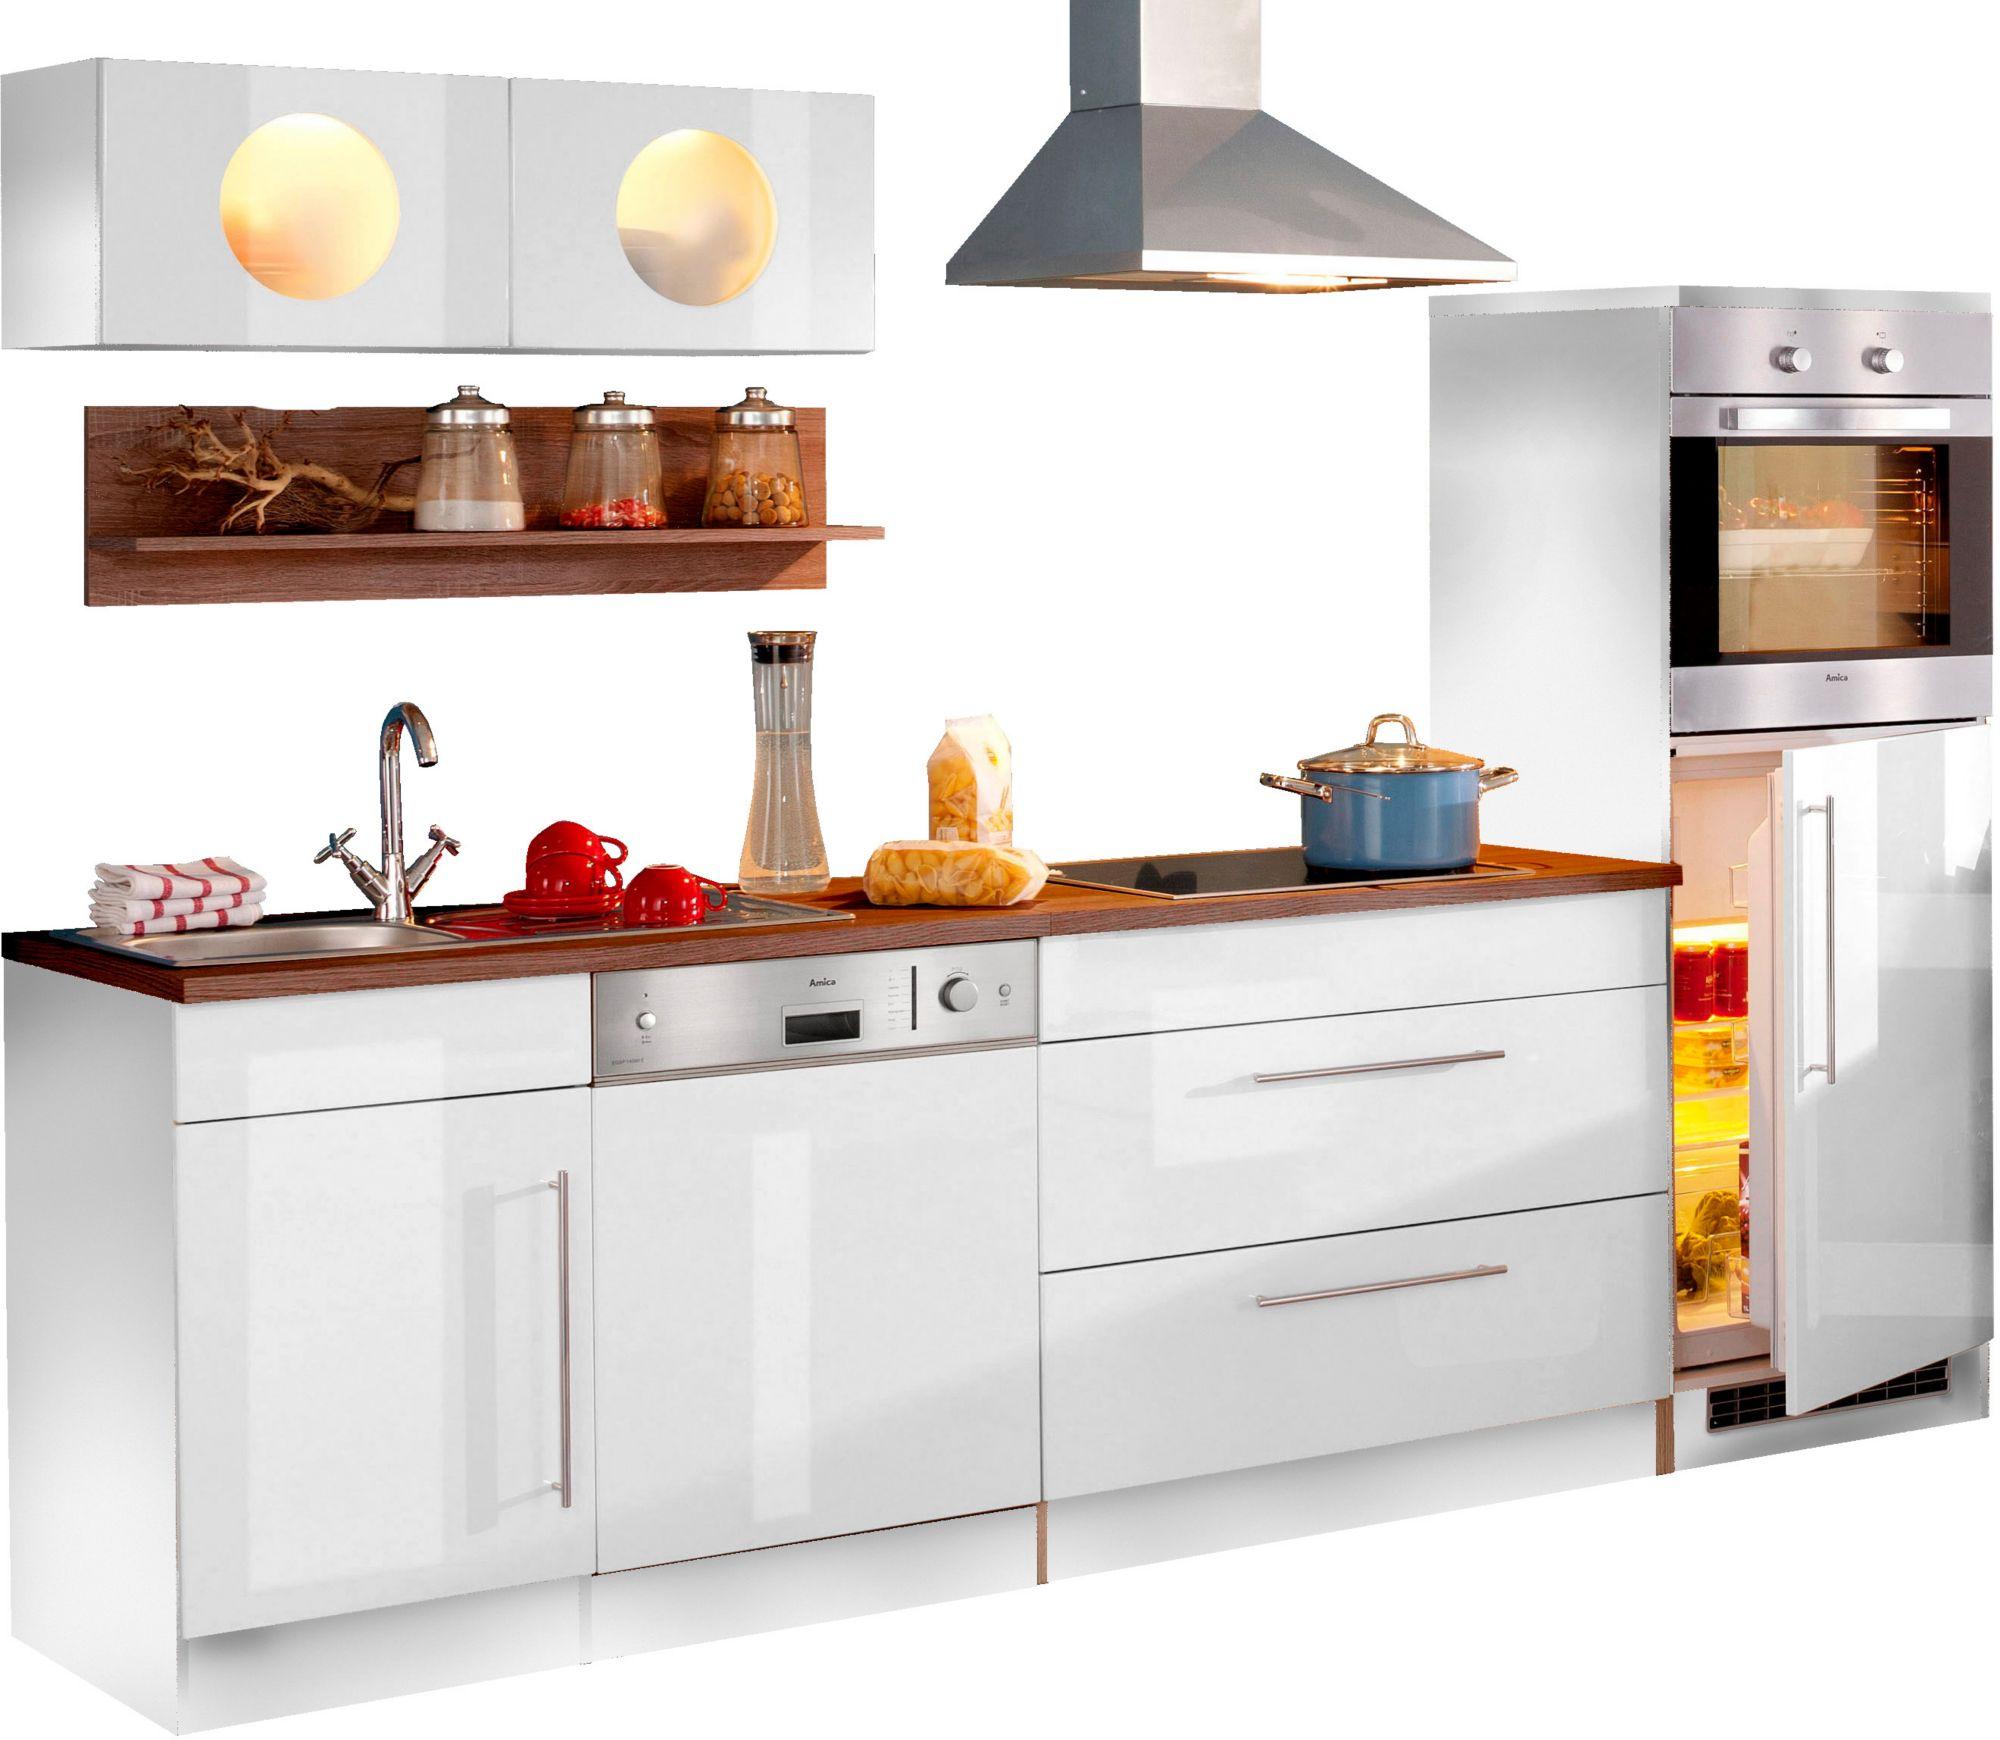 Held möbel küchenzeile keitum breite 270 cm mit induktionskochfeld weiß